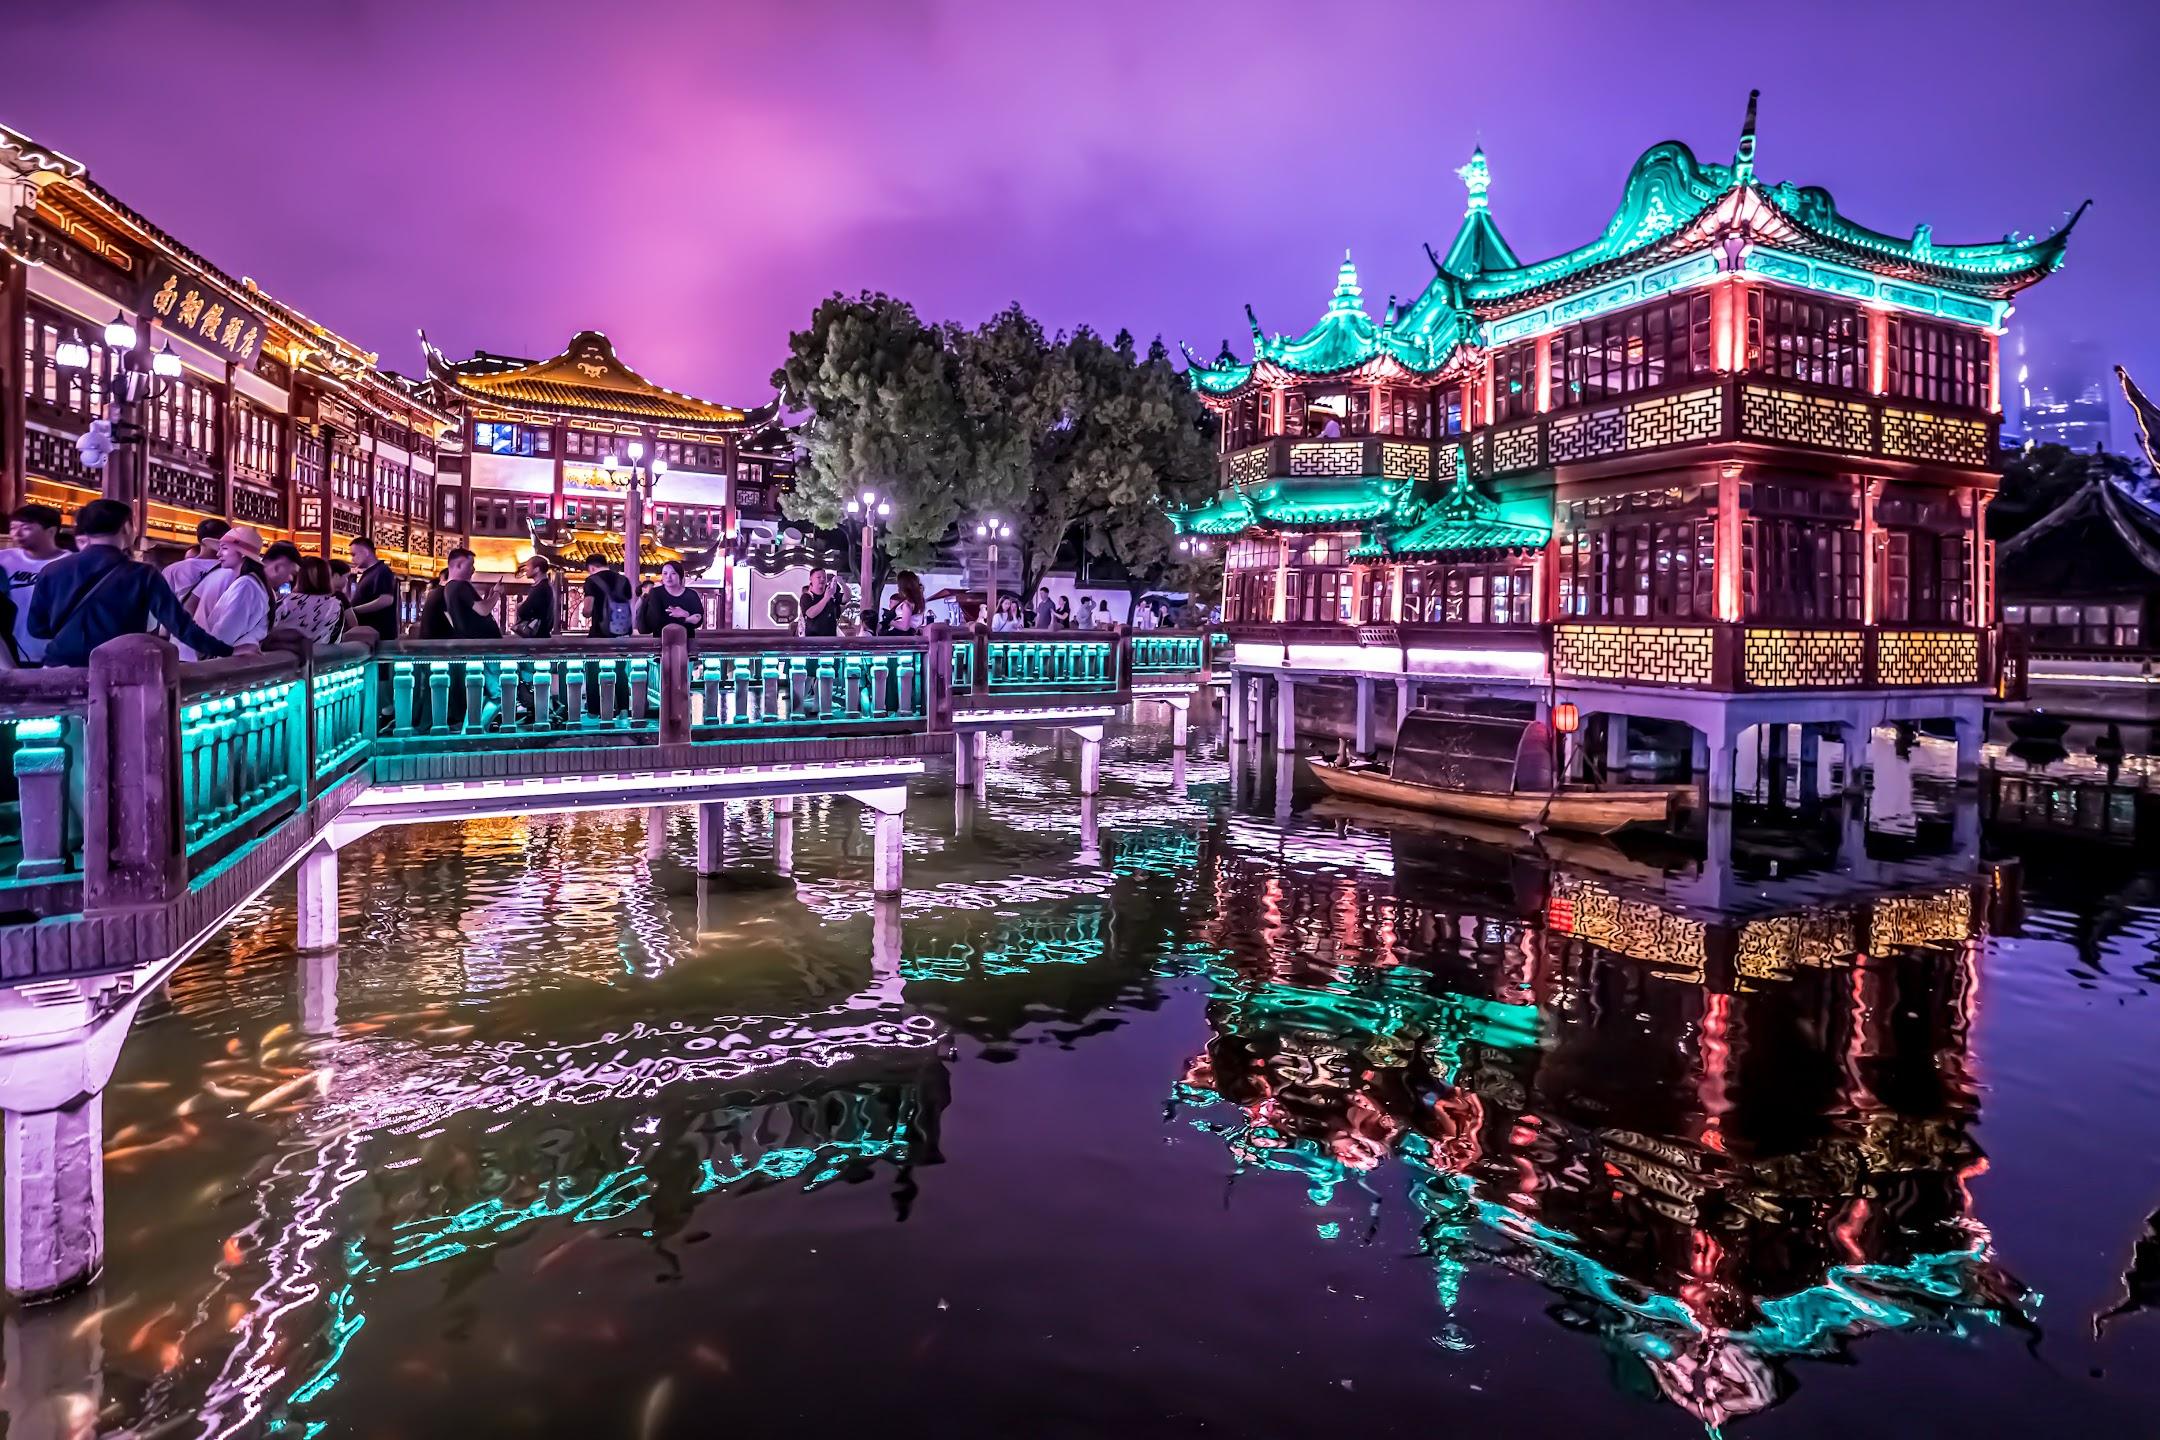 上海 豫園 湖心亭 ライトアップ3